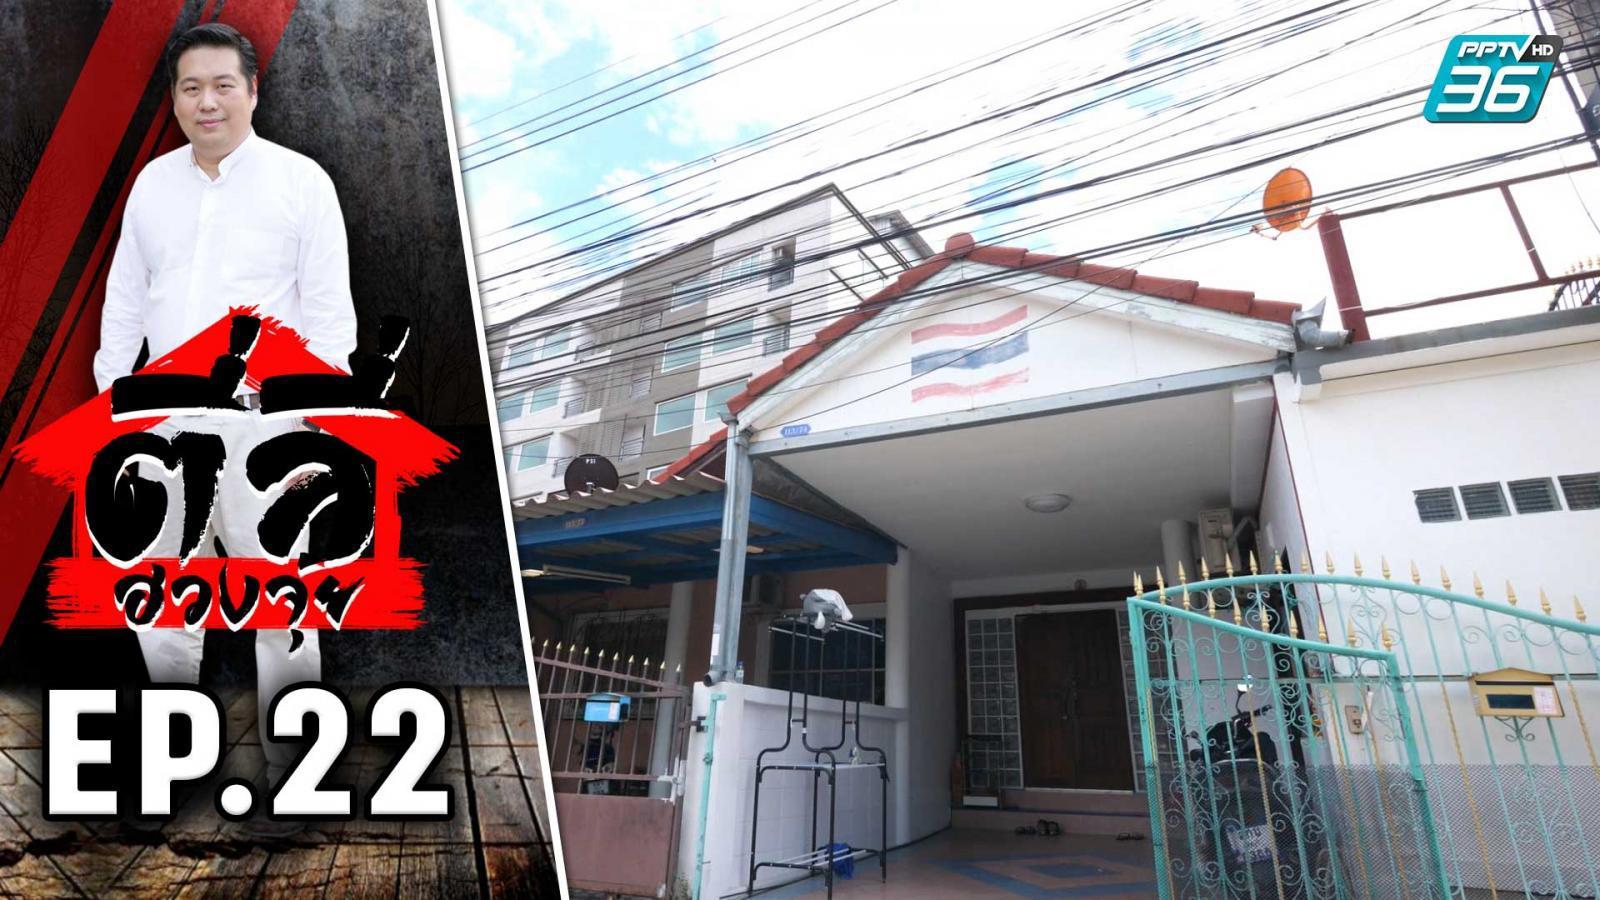 ตี่ลี่ฮวงจุ้ย EP.22 | ตอน ชีวิตสู้กับโรคไต | PPTV HD 36